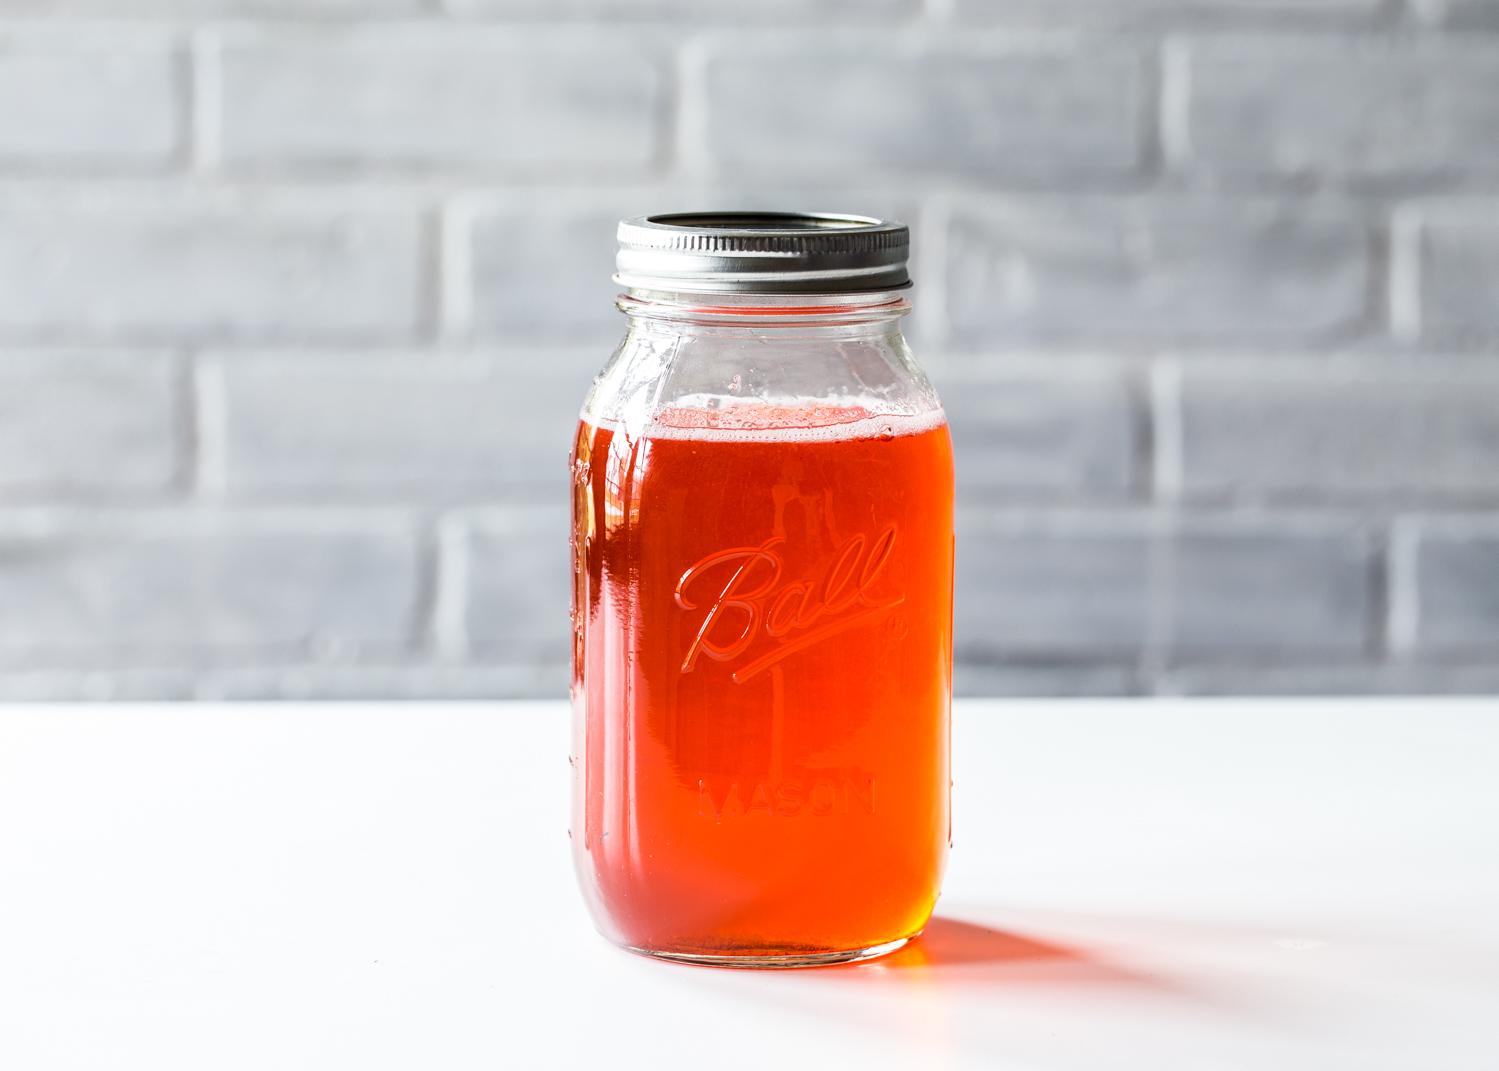 Triple Berry Shrub Syrup for Berry Shrub Spritzer